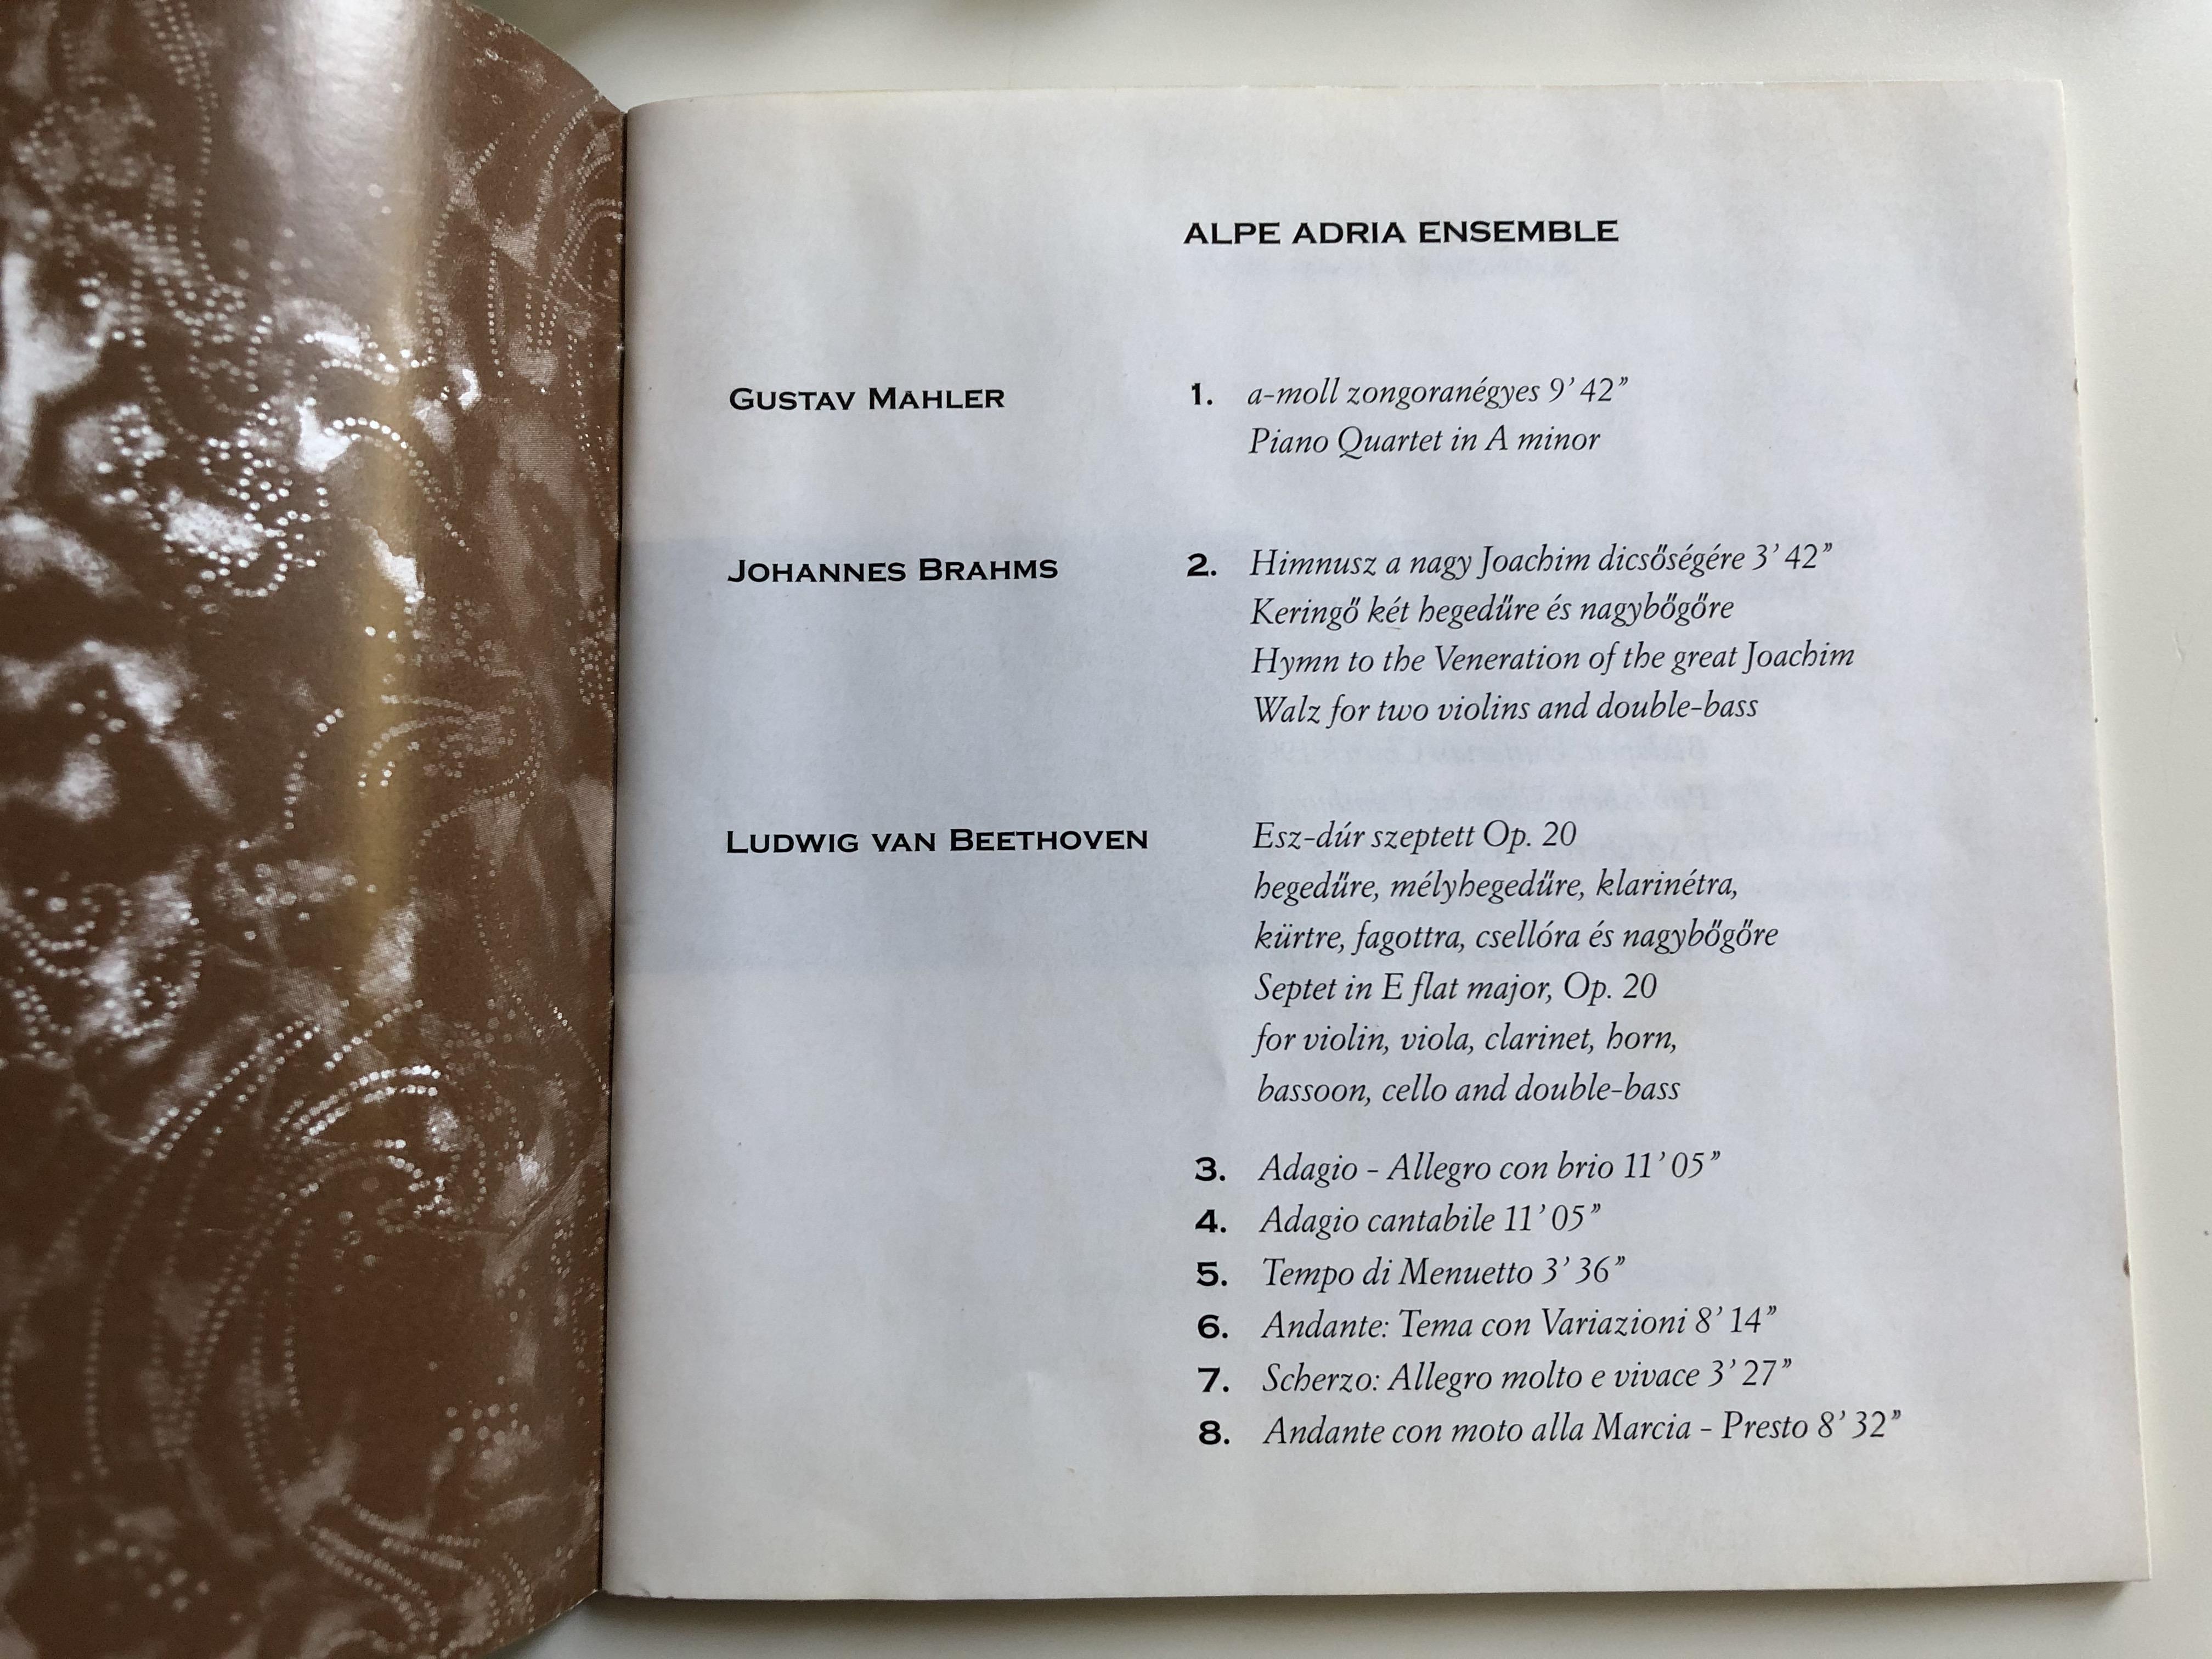 alpe-adria-ensemble-gustav-mahler-piano-quartet-johannes-brahms-hymne-for-the-veneration-of-the-great-joachim-ludwig-van-beethoven-septet-in-e-flat-major-op.-20-hungaroton-audio-cd-1.jpg